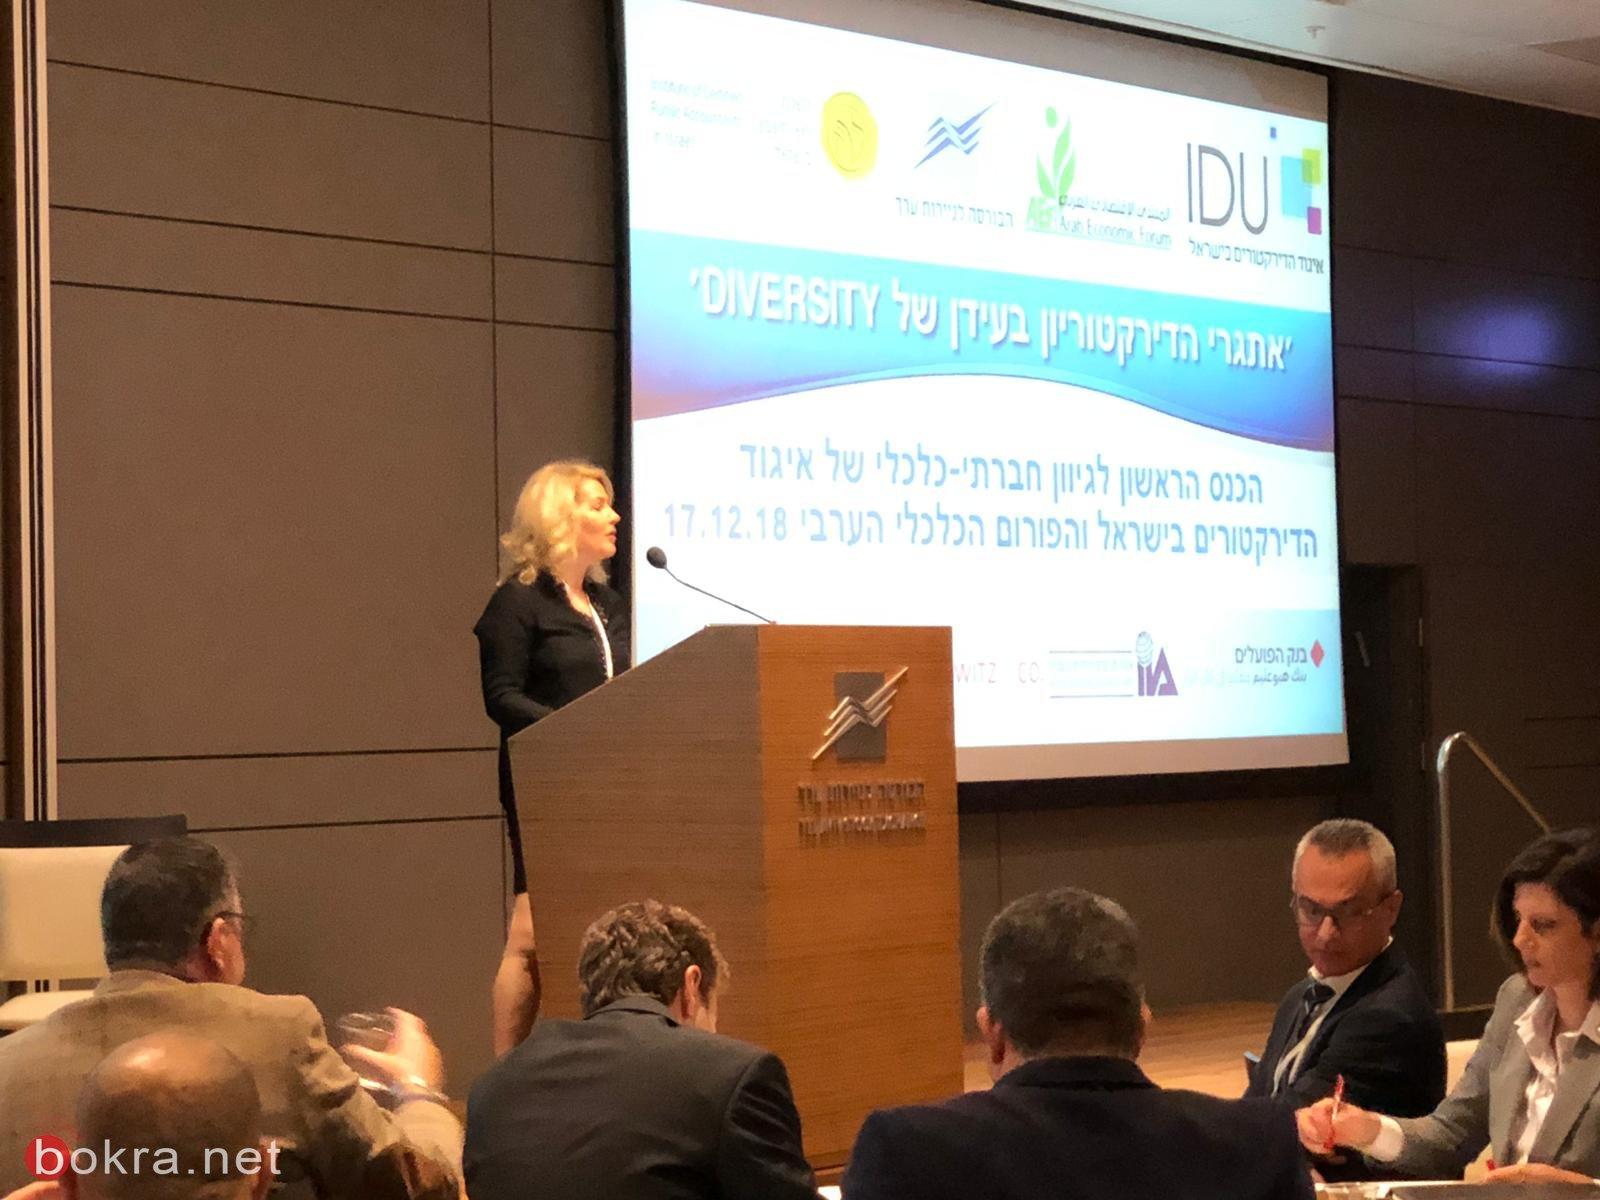 تمثيل نسائي بارز من نقابة مراقبي الحسابات في مؤتمر المنتدى الاقتصادي في تل ابيب